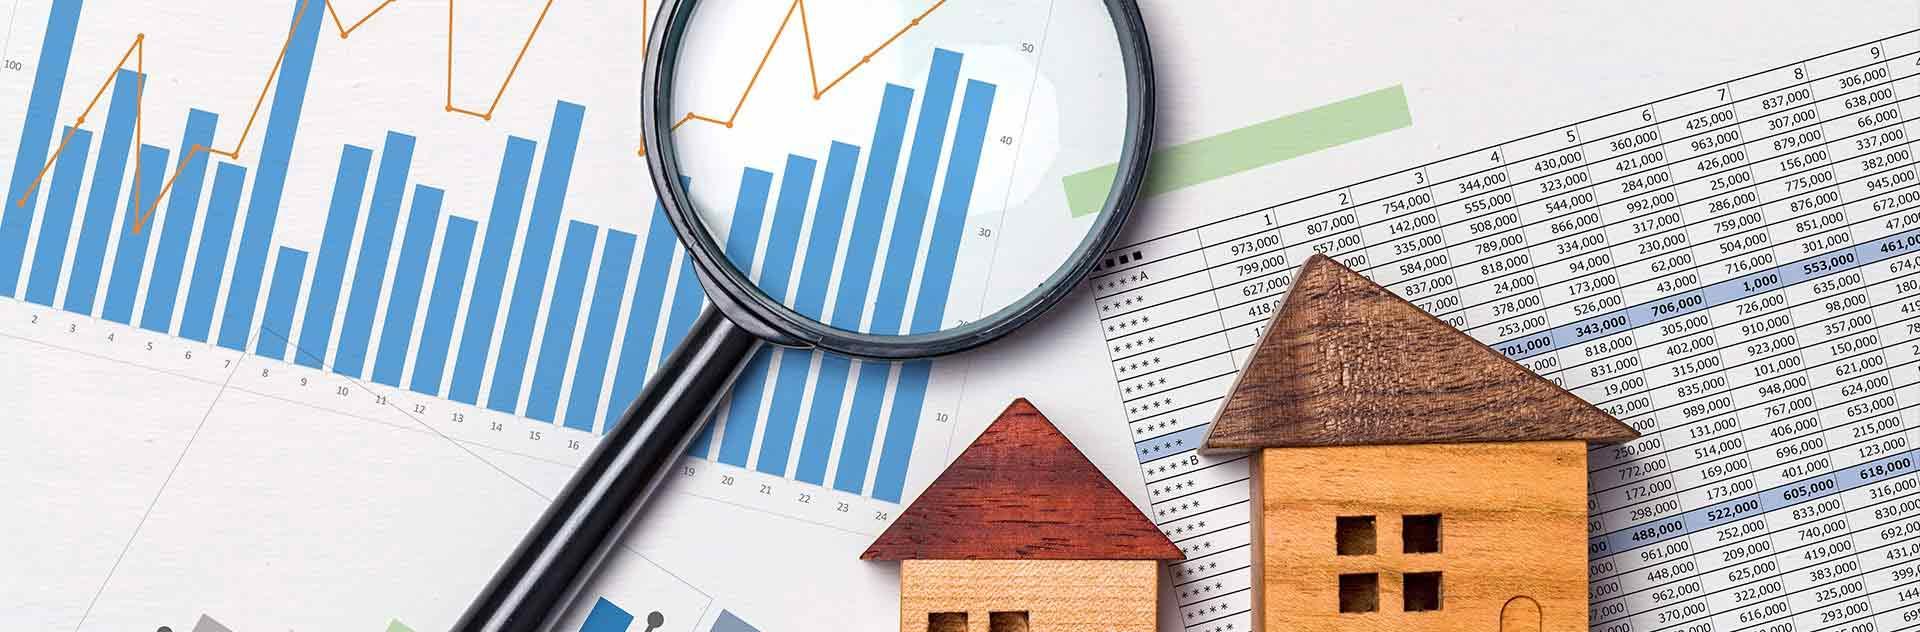 Modernising lending systems